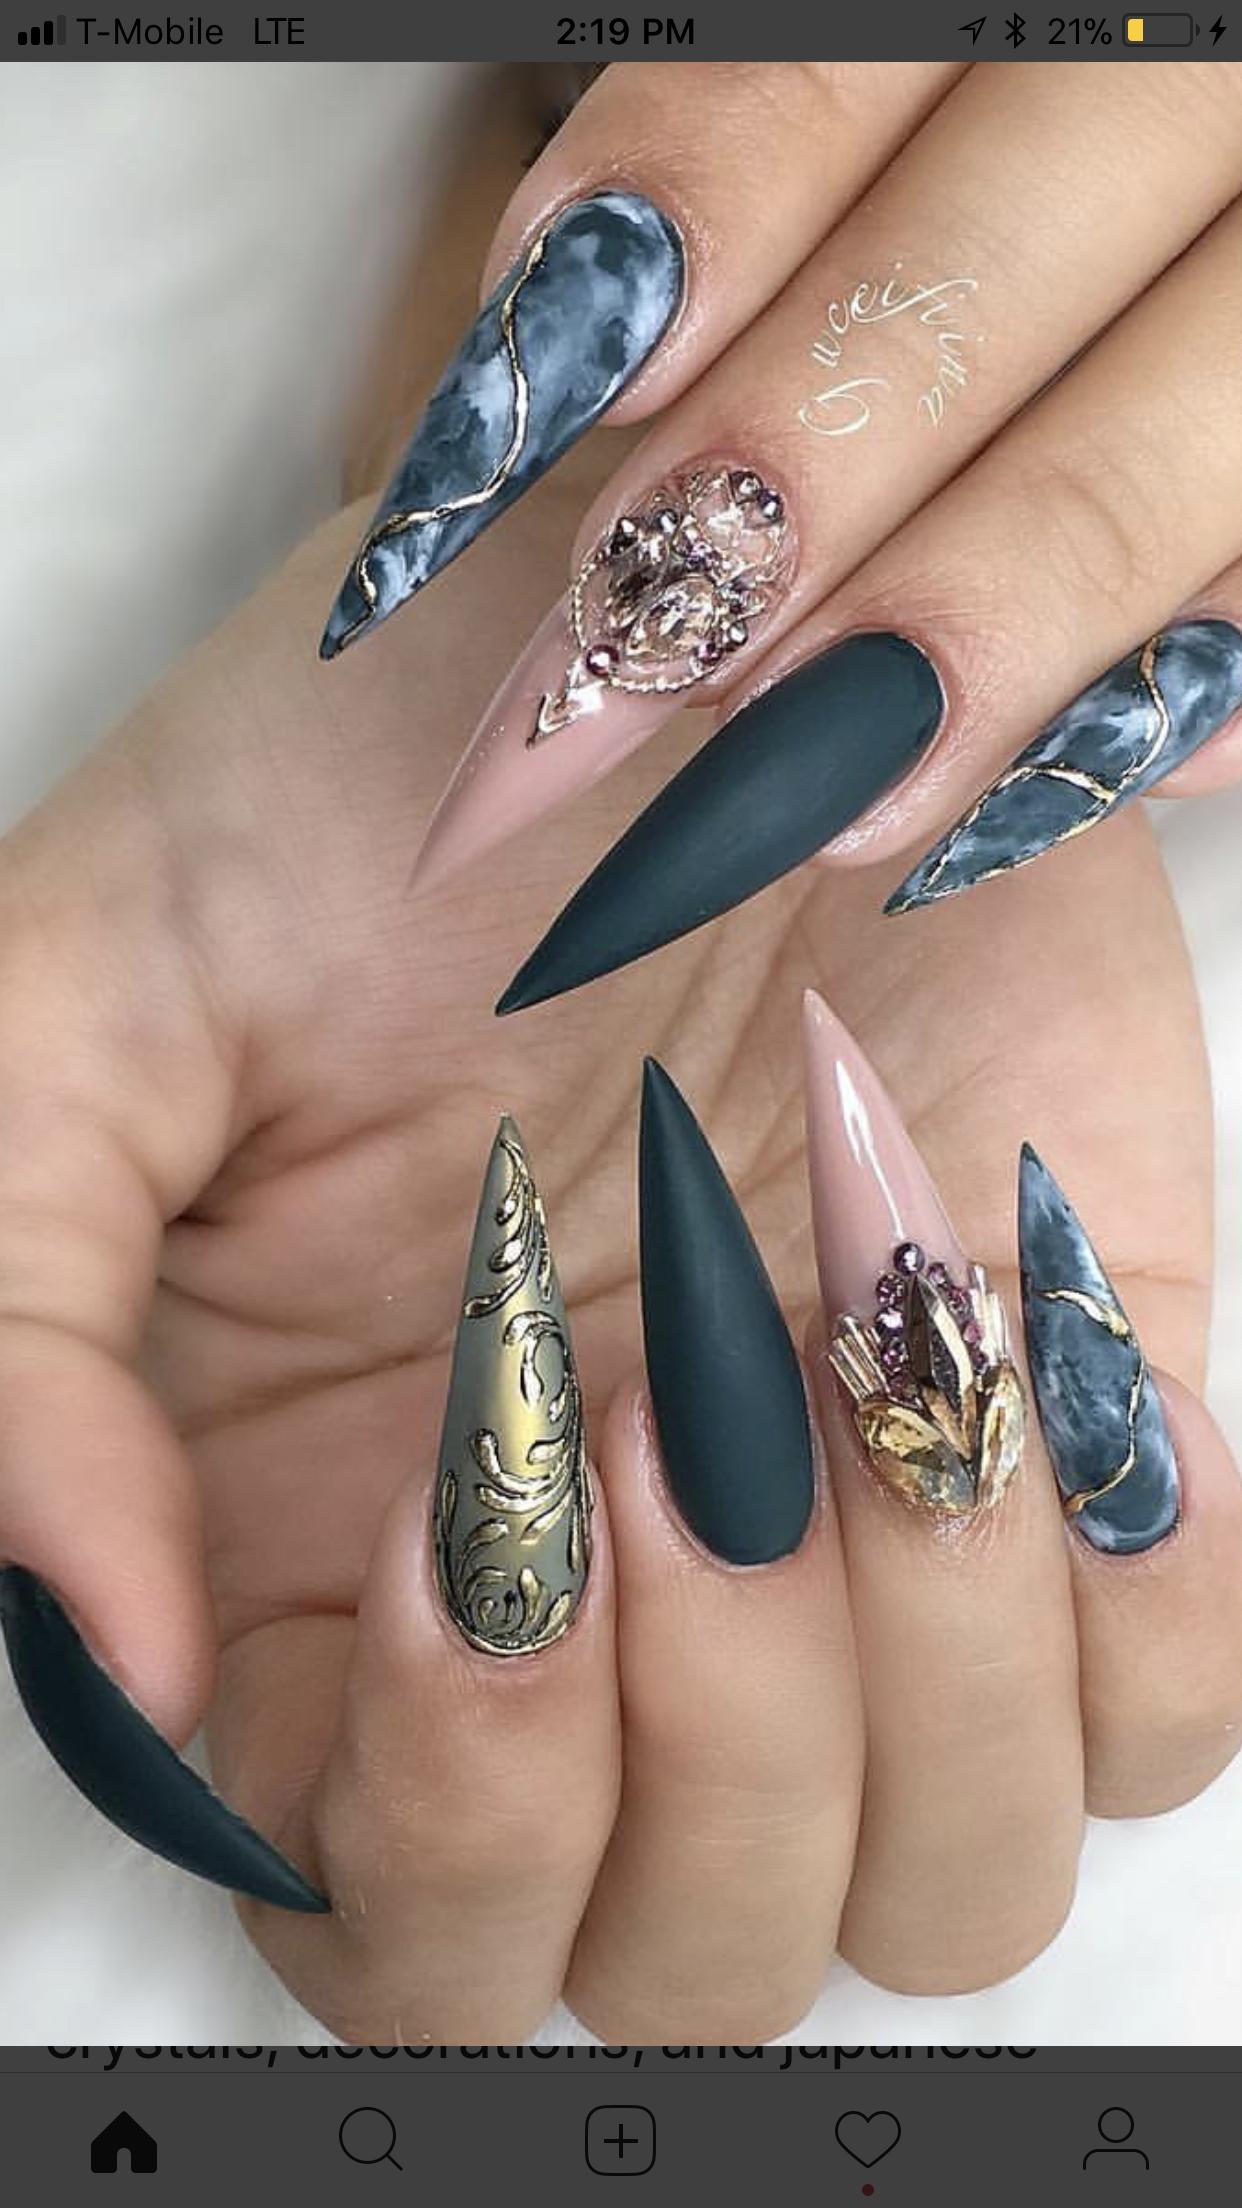 Pin by Luna Saez on Nail Art | Pinterest | Nail nail, Nails ...